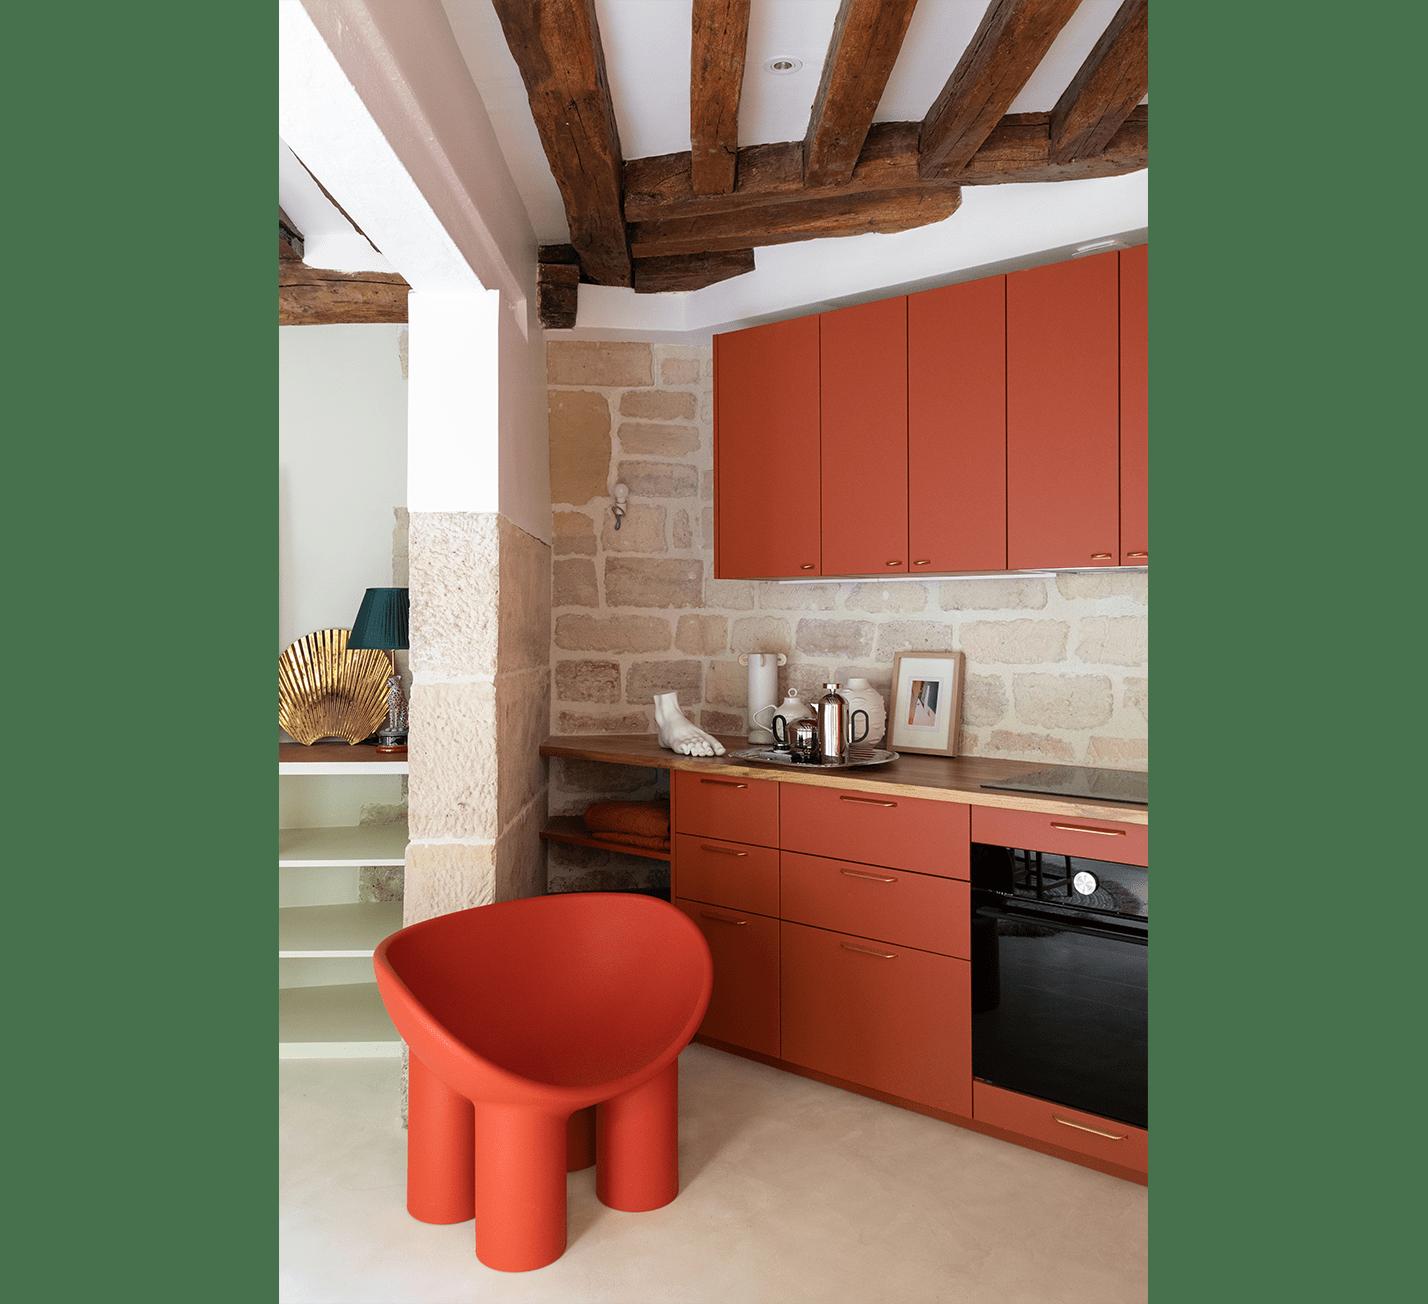 Projet-Gobelins-Atelier-Steve-Pauline-Borgia-Architecte-interieur-15-min